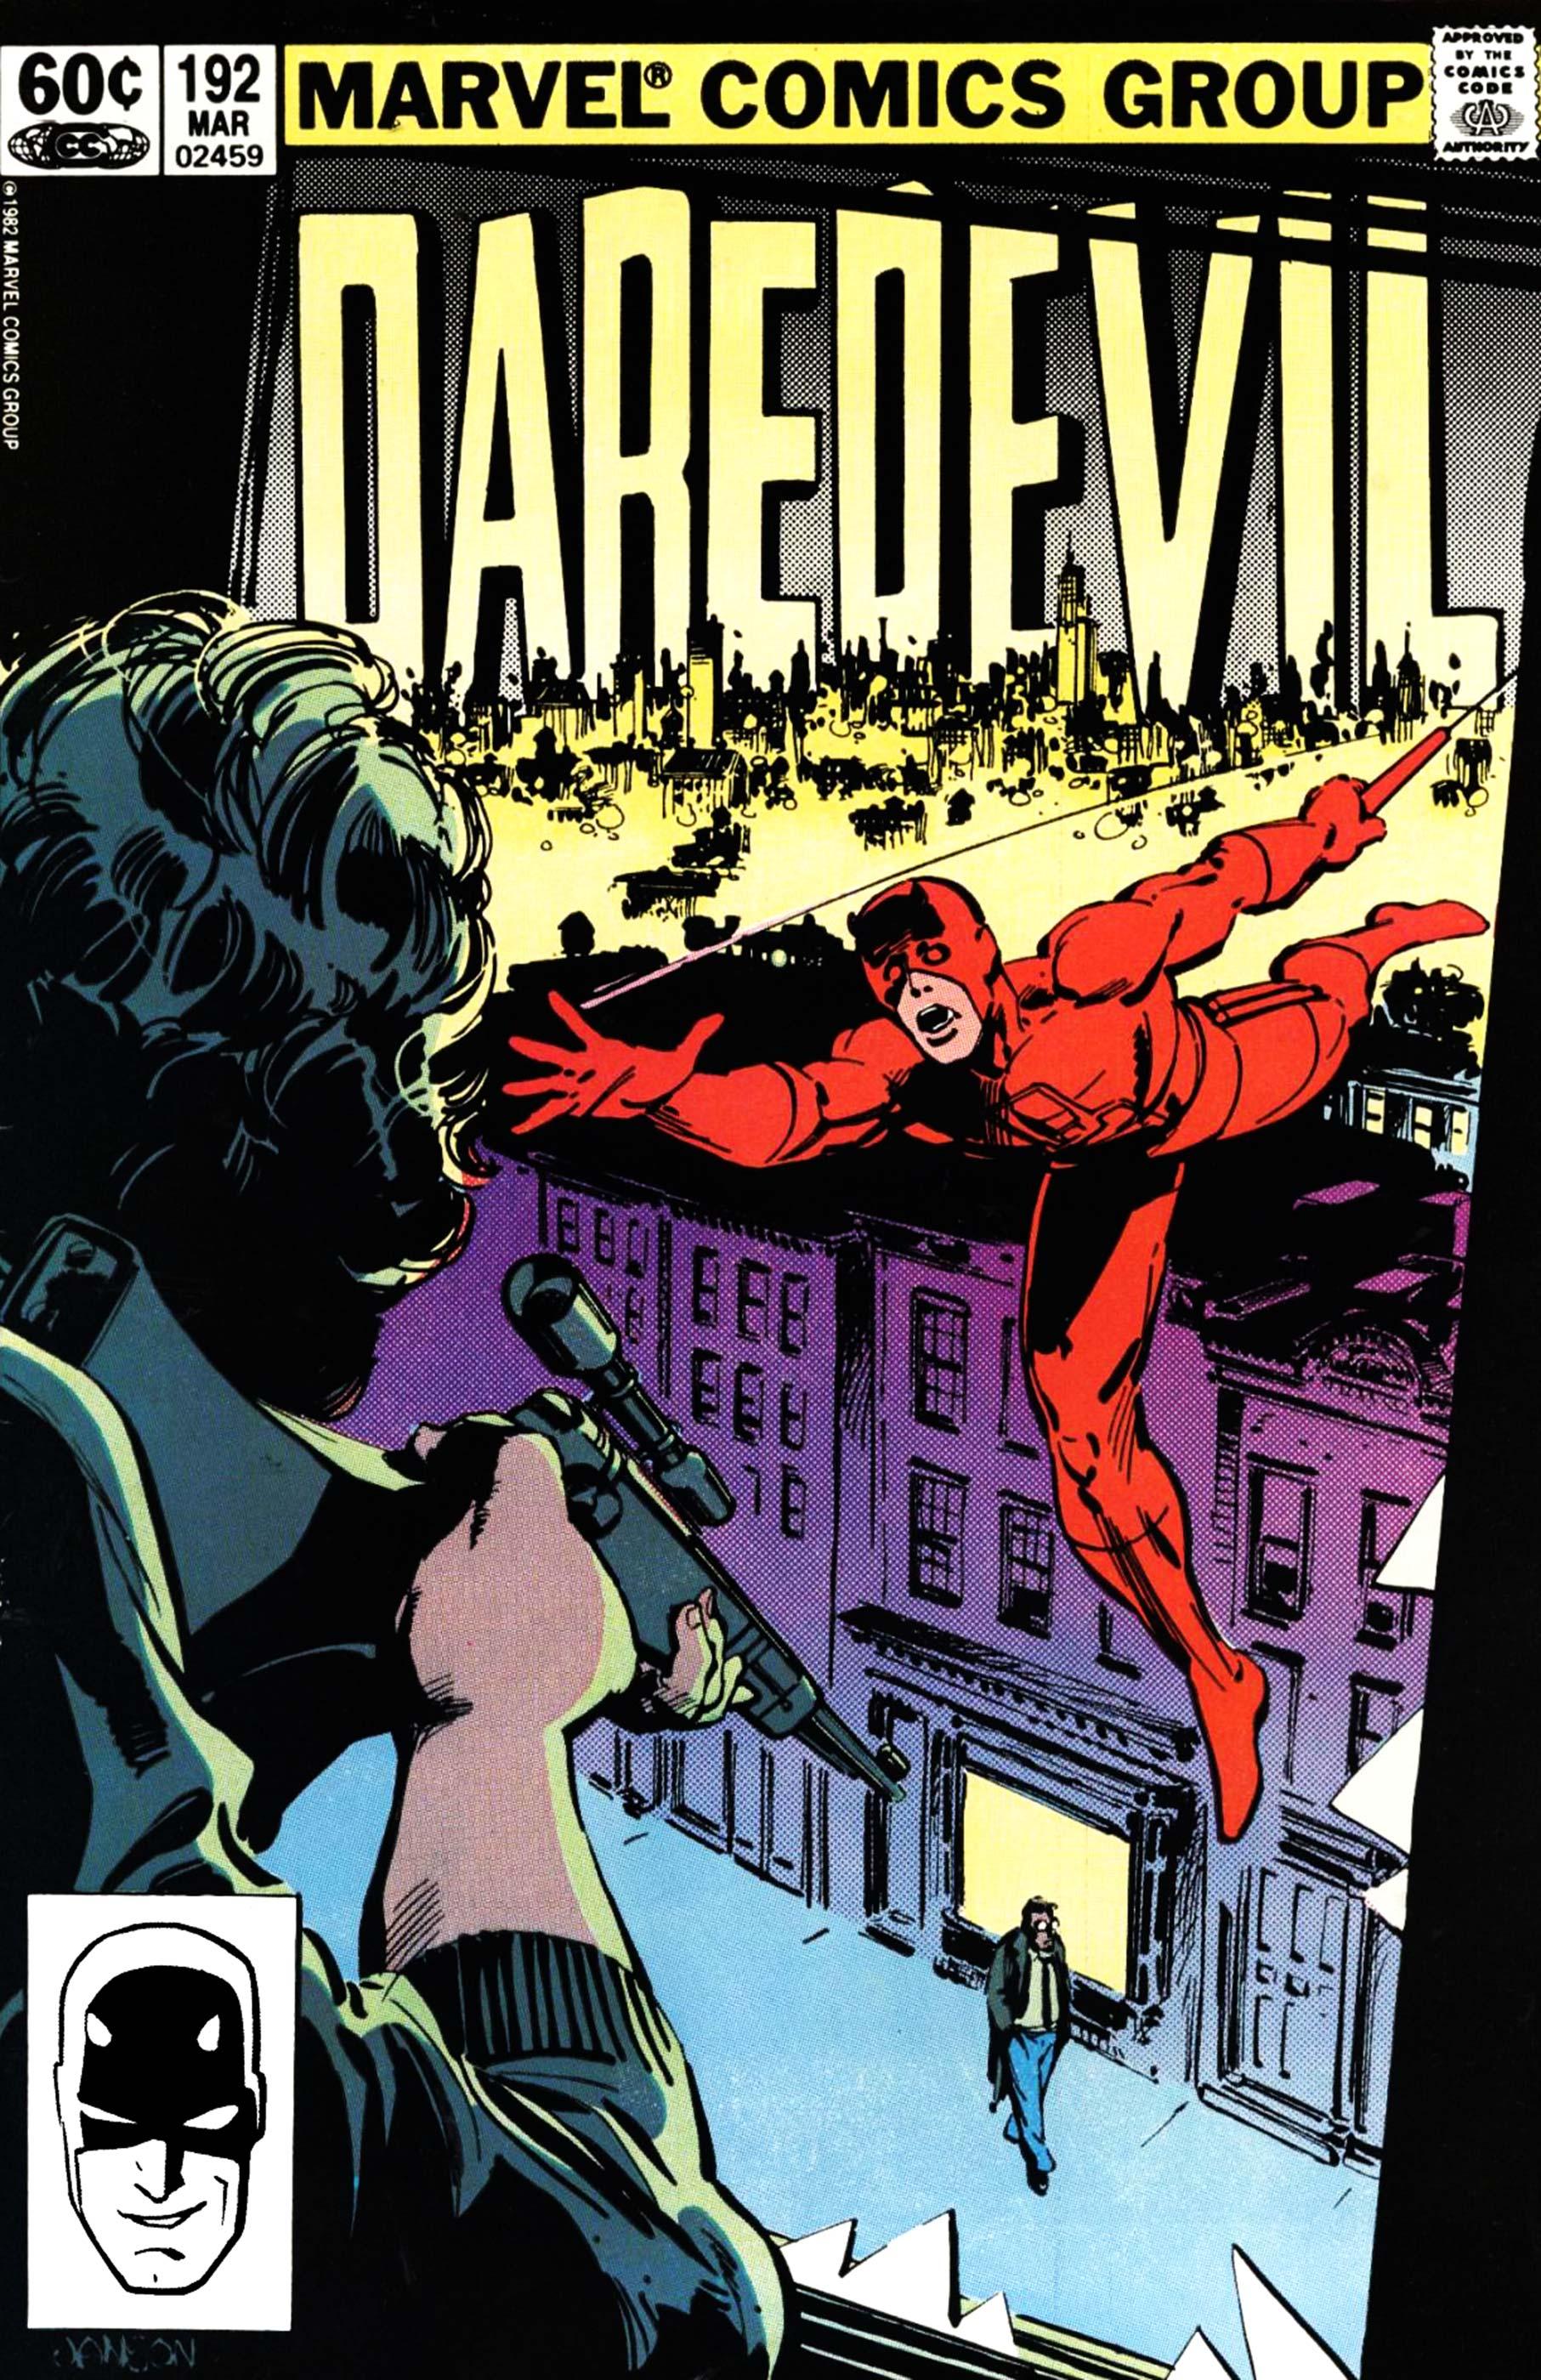 Daredevil (1964) #192